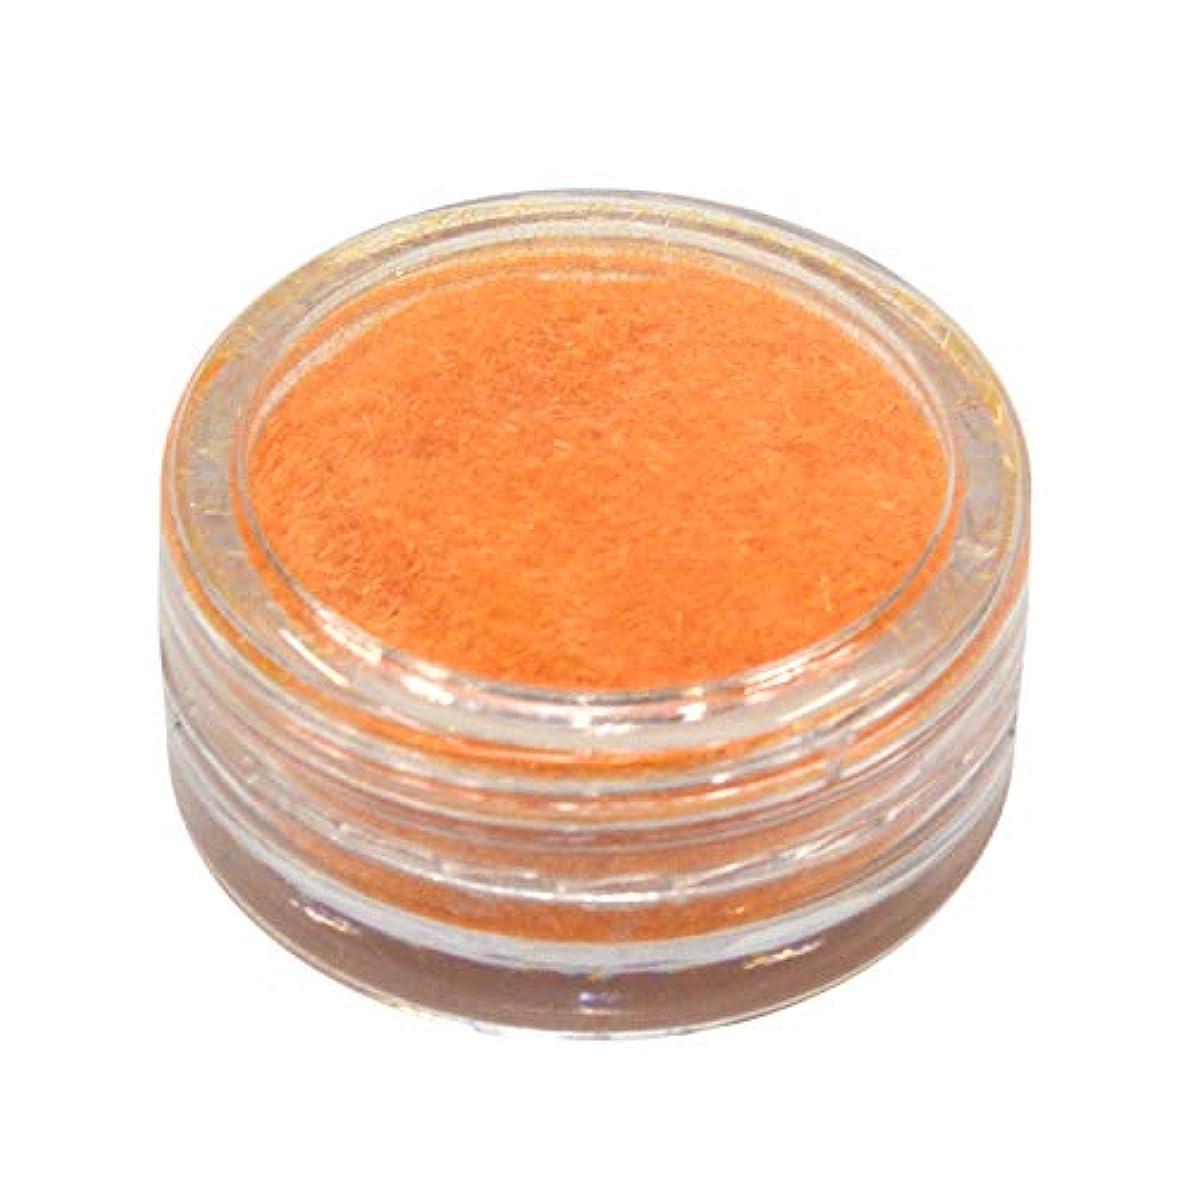 徒歩で接地広告主ネルパラ ベルベットパウダー #30 オレンジ